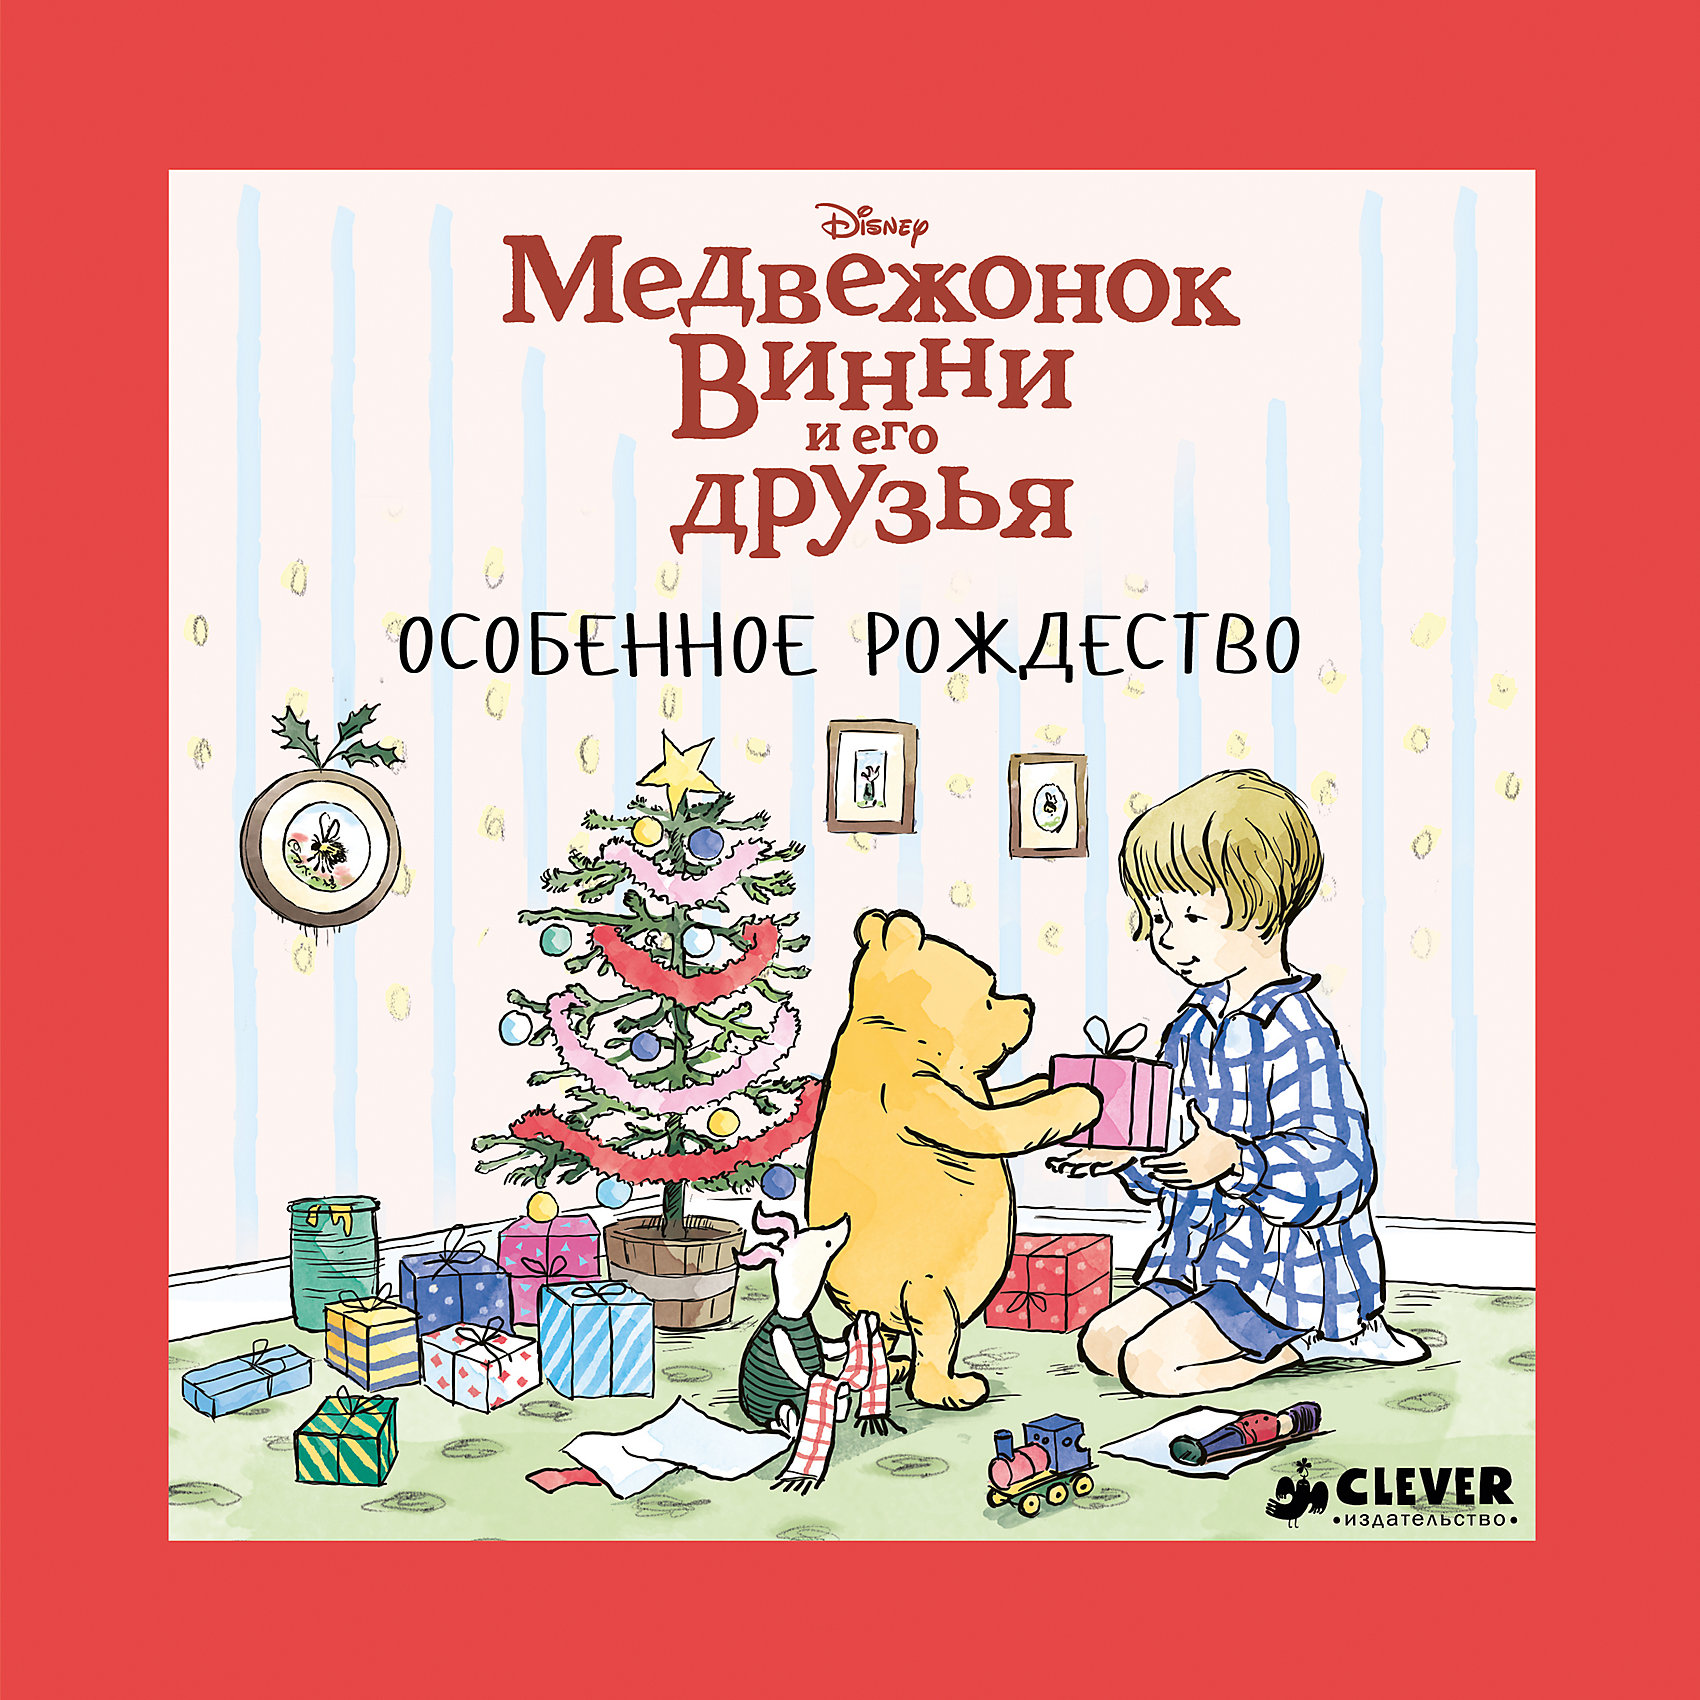 Особенное Рождество, Медвежонок Винни и его друзьяХарактеристики книги Особенное Рождество, Медвежонок Винни и его друзья: <br><br>• возраст: от 4 лет<br>• герой: Винни – Пух<br>• пол: для мальчиков и девочек<br>• материал: бумага, картон.<br>• количество страниц: 32.<br>• размер книги: 21.5х21.5х8 см.<br>• тип обложки: твердый.<br>• иллюстрации: цветные.<br>• бренд: издательство clever<br>• страна обладатель бренда: Россия.<br><br>Интересная детская книжка Особенное Рождество от издательства Clever - это продолжение захватывающей истории о медвежонке Винни и его друзьях. На этот раз медвежонок вместе с друзьями затевает празднование самого любимого праздника, однако без хлопот и трудностей не обойтись.<br>Сказочная и предновогодняя история подарит не только веселое настроение, но и настоящий дух рождества. Книжка состоит из 32 страниц в твердом переплете. Подобная литература может стать замечательным подарком к Новому году.<br><br>Книгу Особенное Рождество издательства Clever можно купить в нашем интернет-магазине.<br><br>Ширина мм: 215<br>Глубина мм: 215<br>Высота мм: 8<br>Вес г: 302<br>Возраст от месяцев: 48<br>Возраст до месяцев: 72<br>Пол: Унисекс<br>Возраст: Детский<br>SKU: 5377753